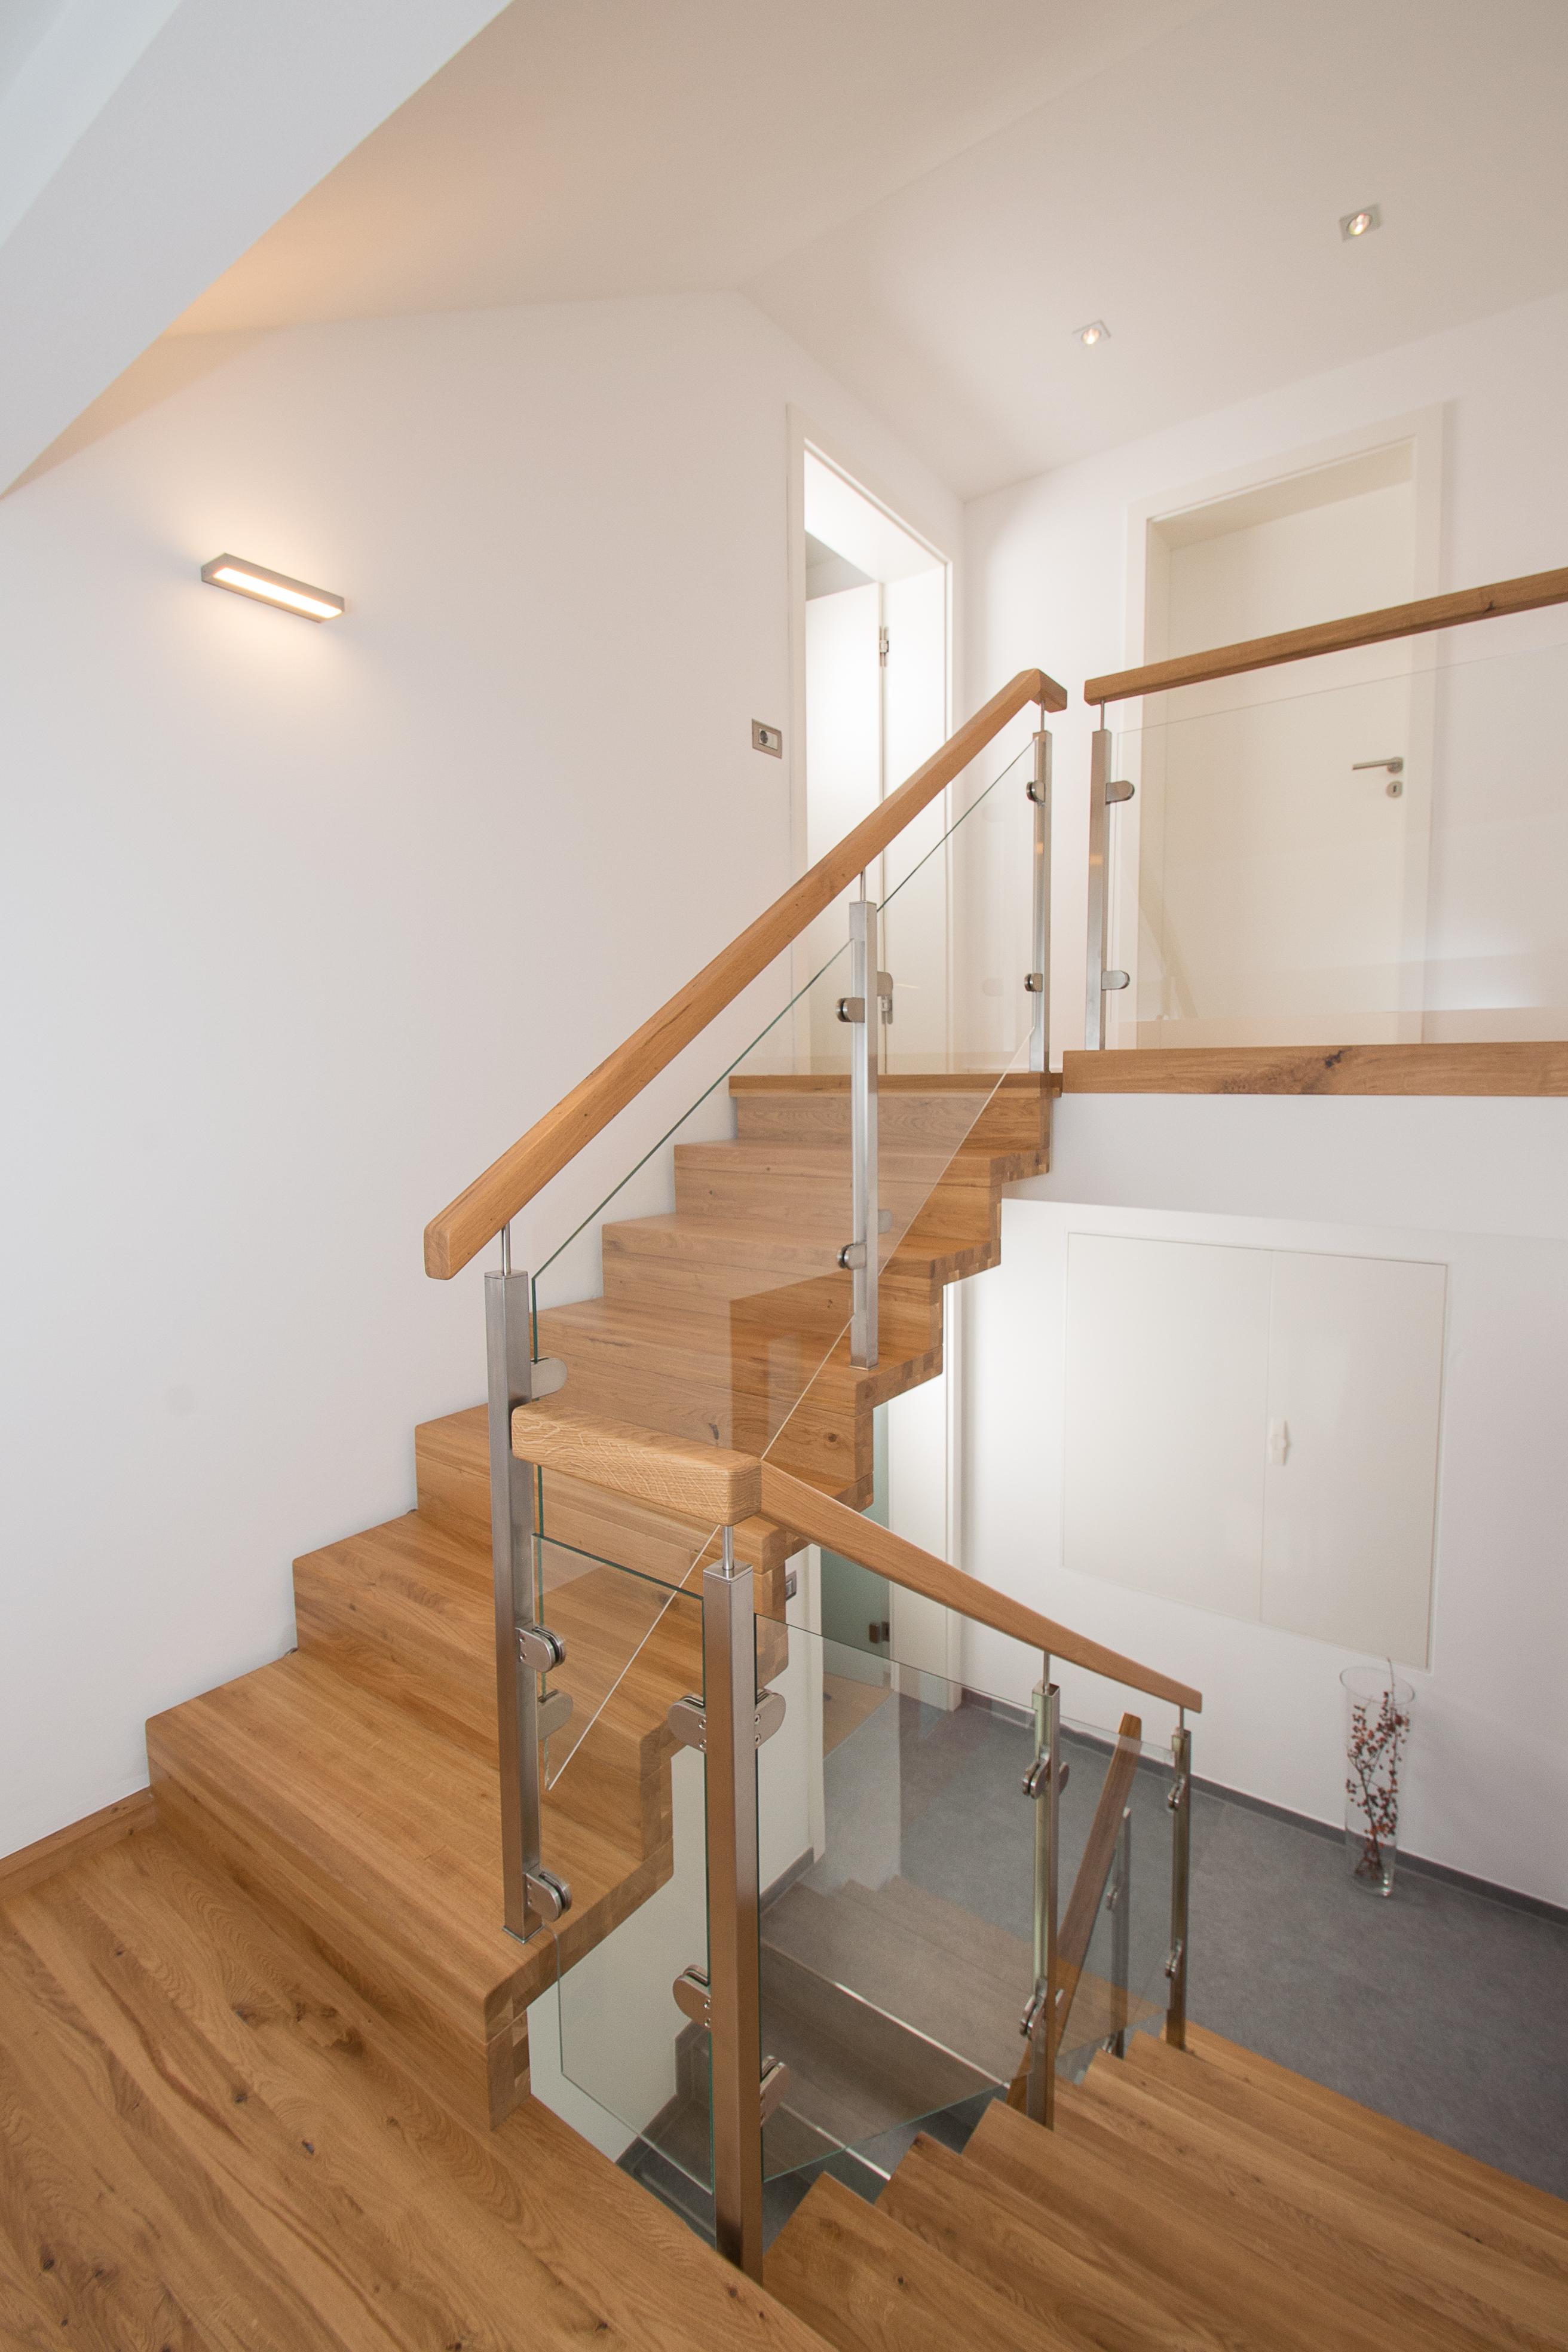 Faltwerk Treppe in Wildeiche